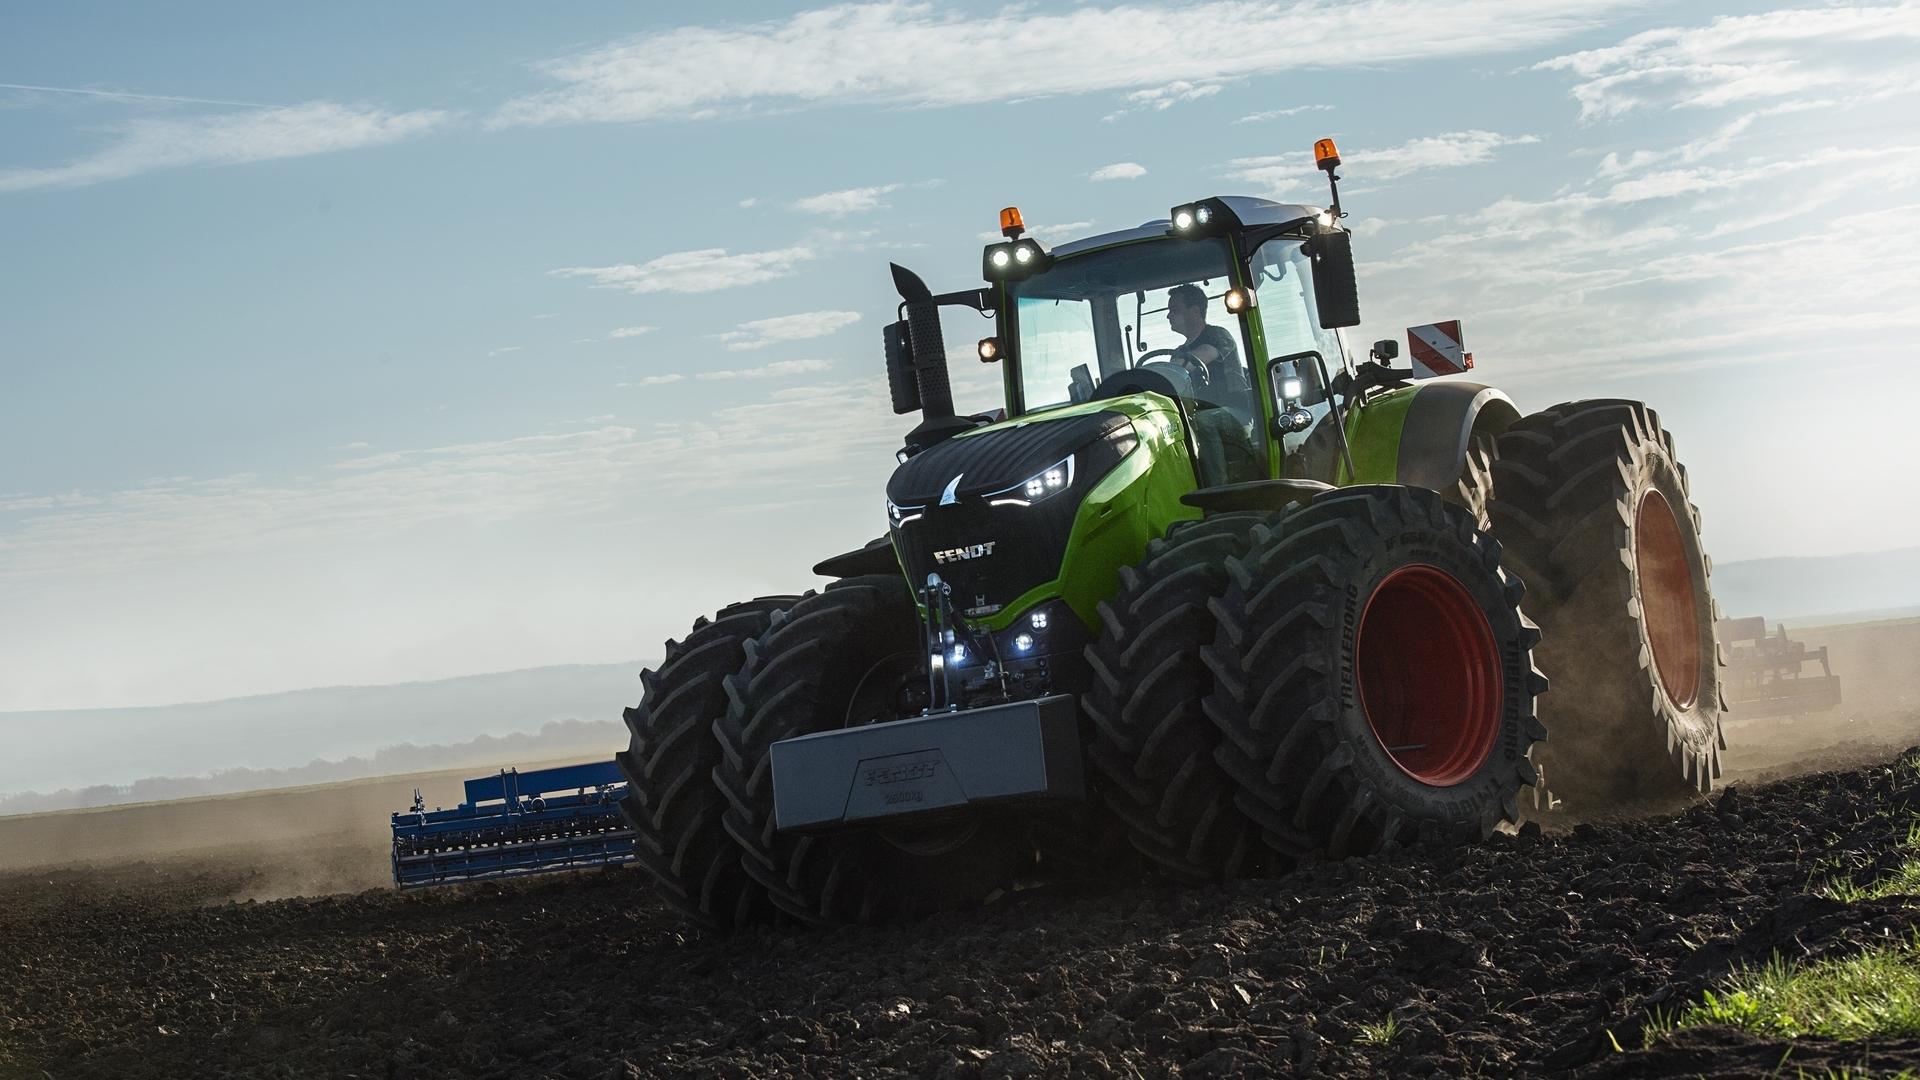 Pic Of M Letter >> Fendt 1000 Series Tractors | Maple Lane Farm Service